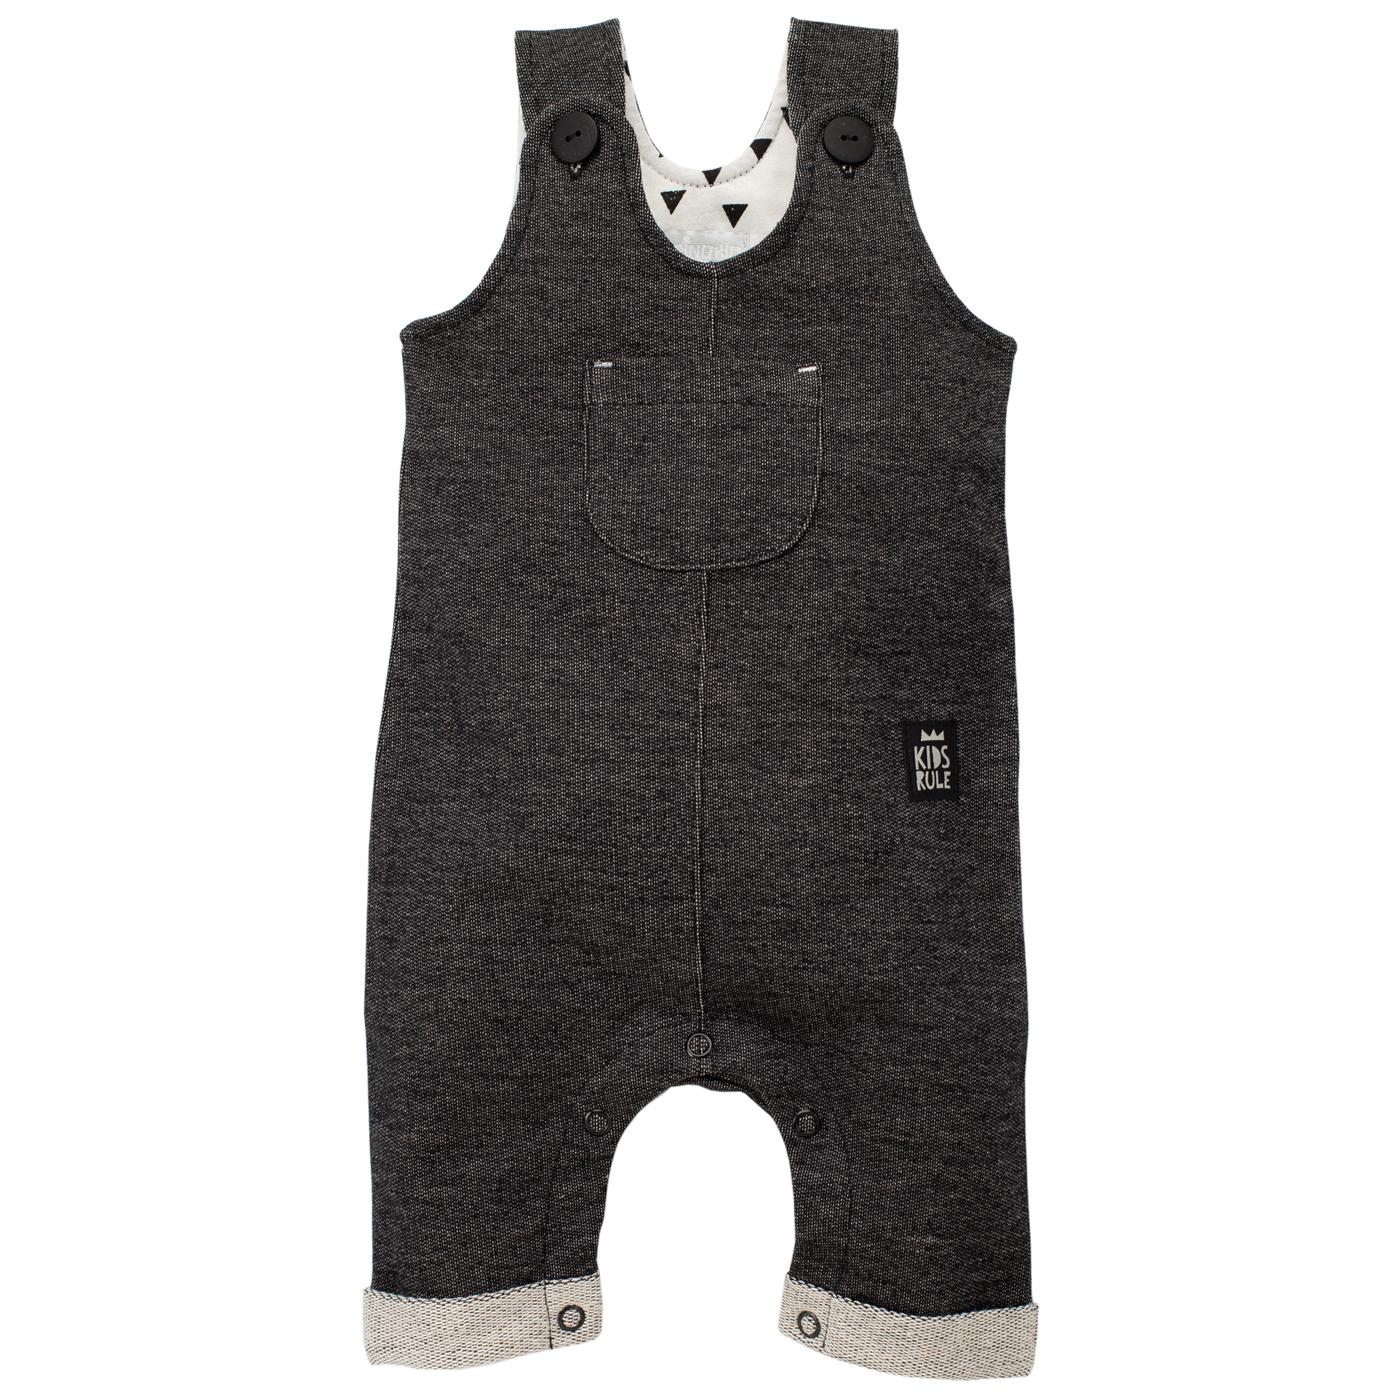 041314ee Selebukse Happy Day, sort – Little Bunny – baby og barneklær.